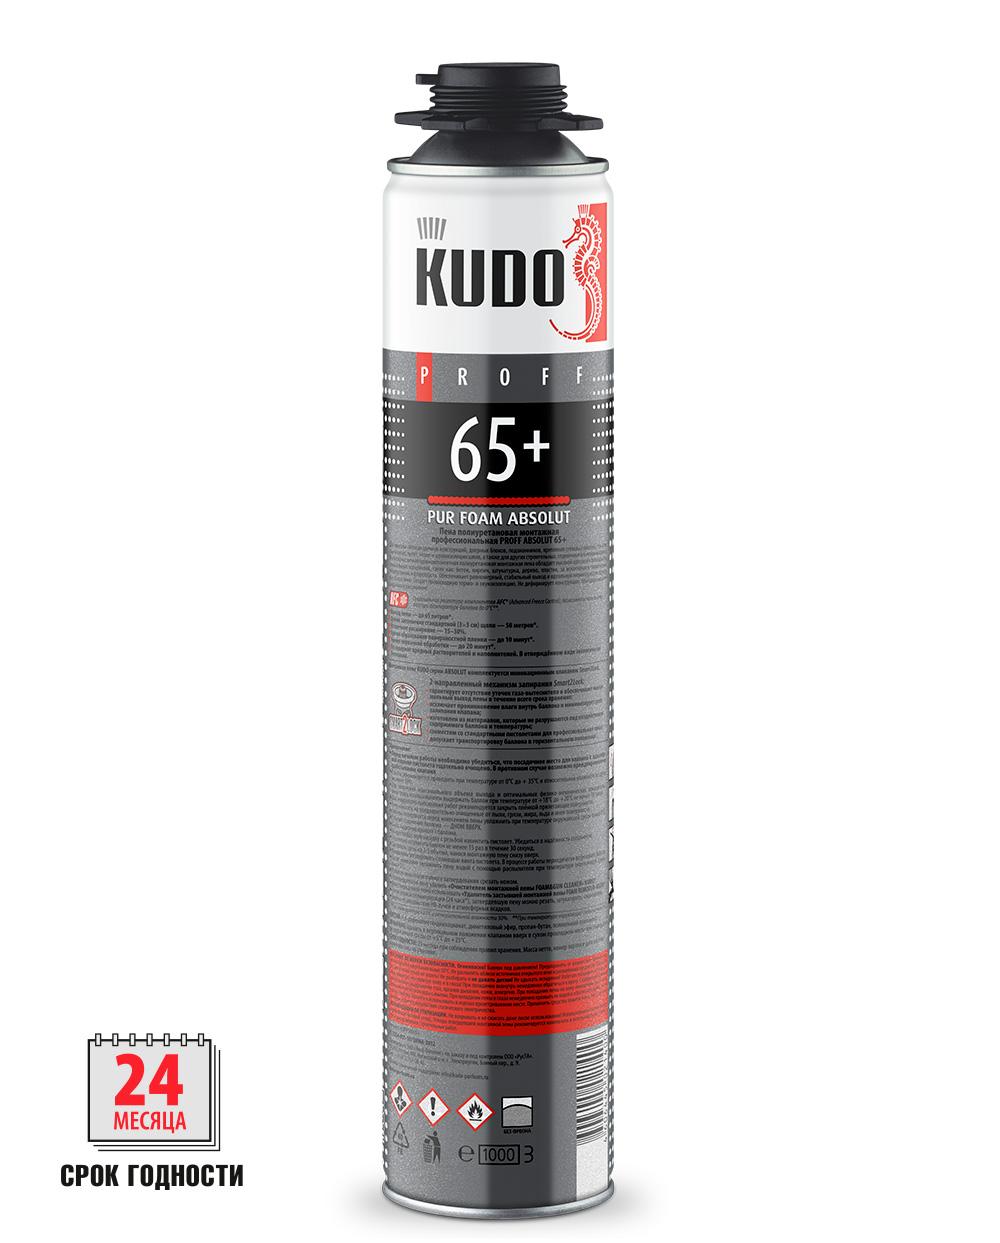 KUDO PROFF 65+